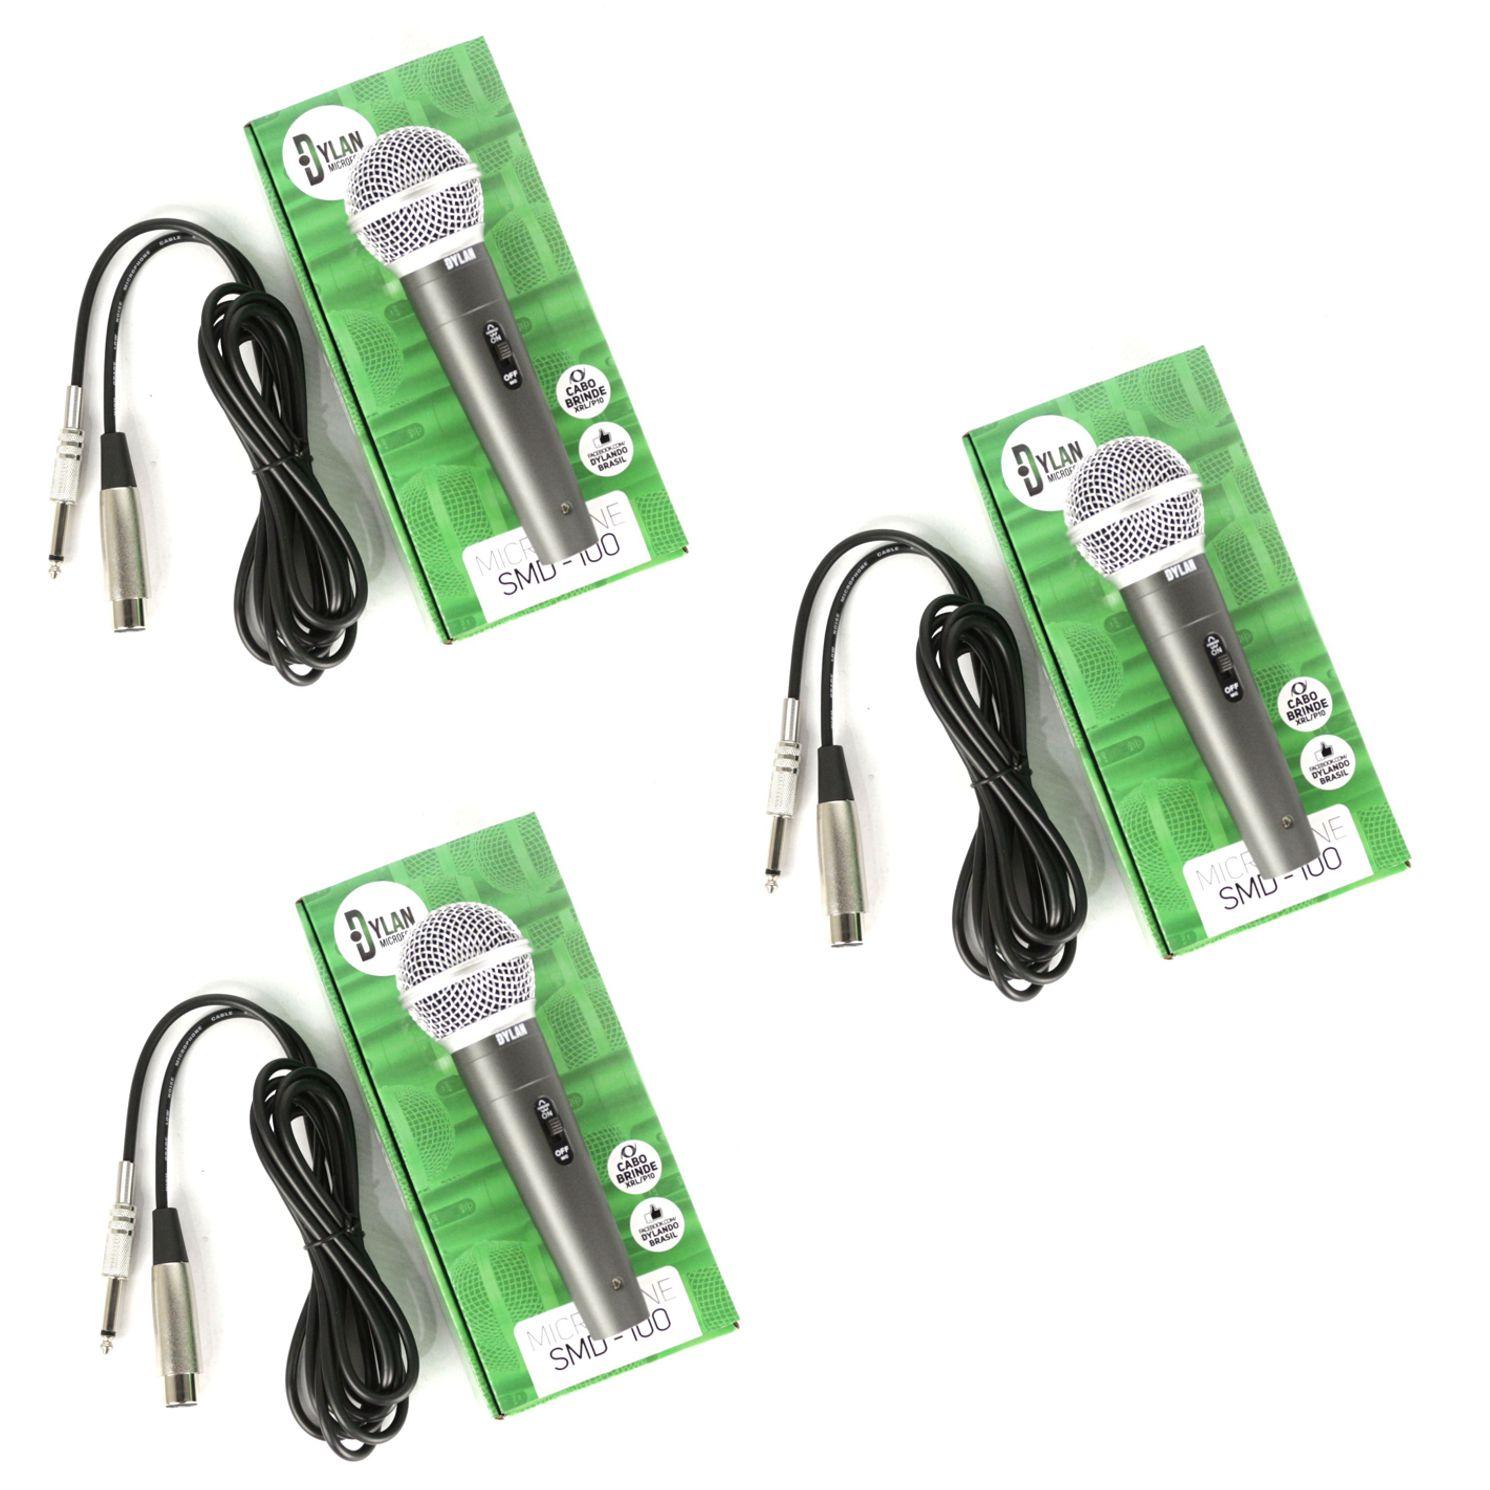 Microfone de Mão Profissional com Fio Dinâmico DYLAN - SMD-100 - 03 Unidades